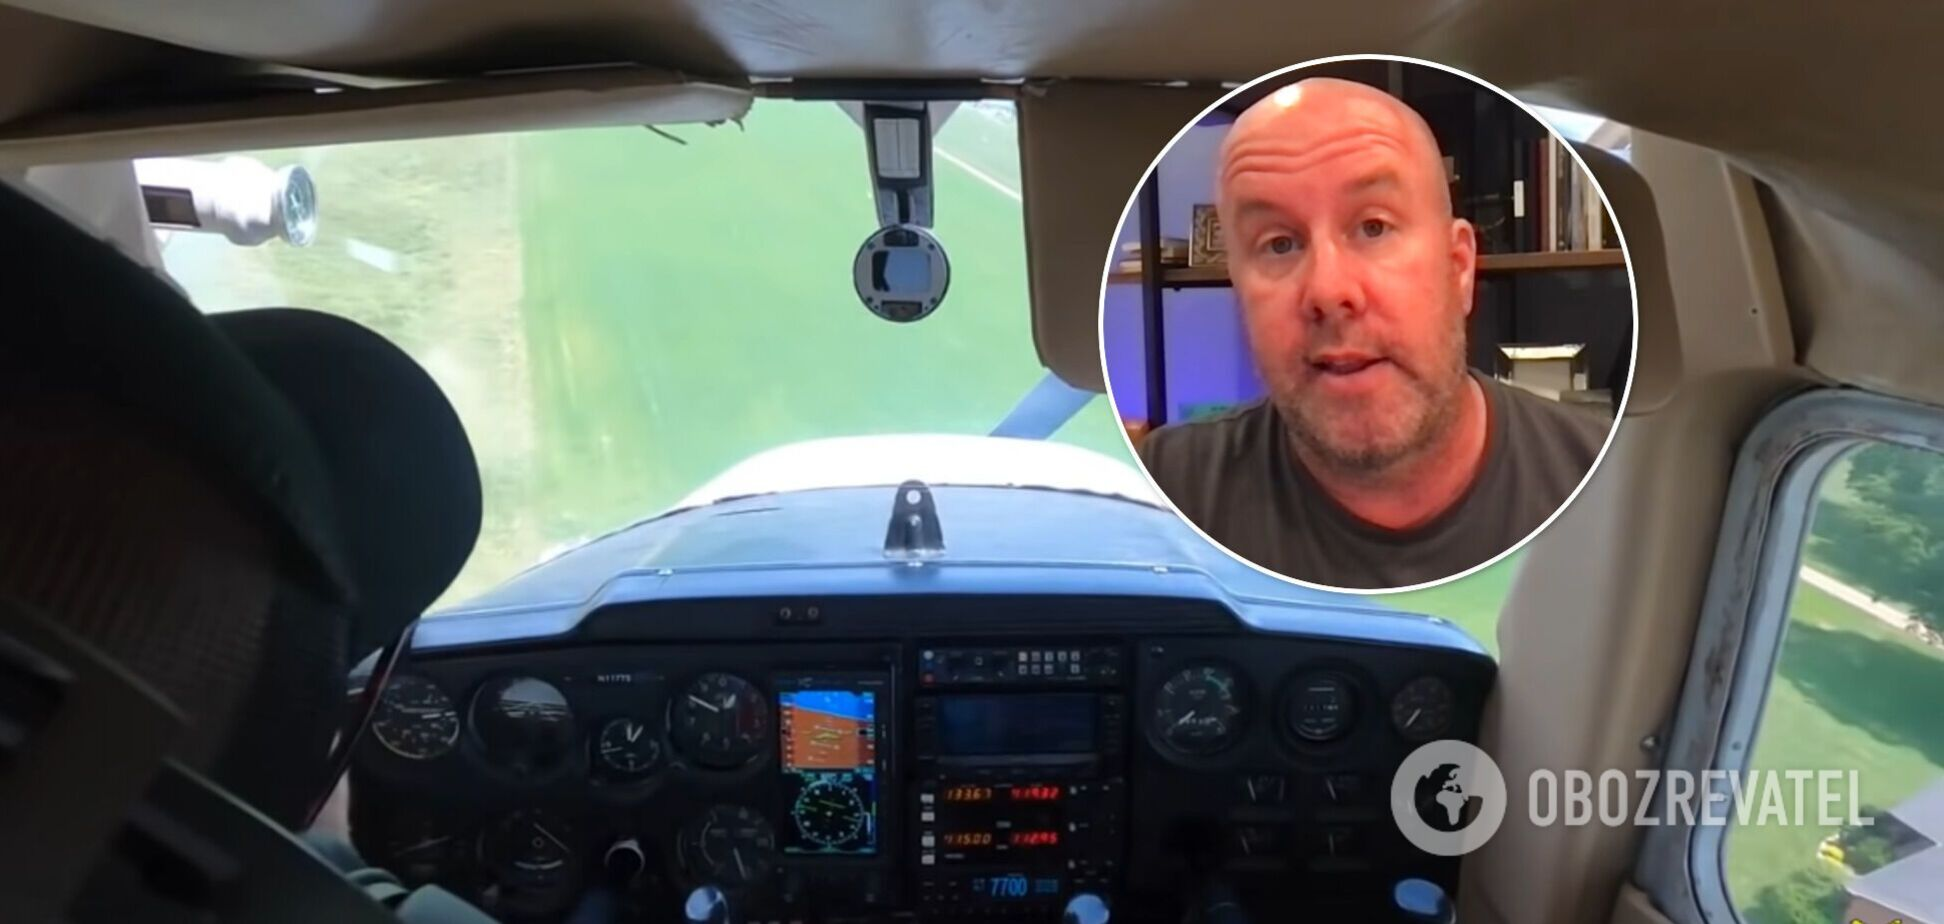 Пилот-новичок посадил самолет, у которого отказал двигатель, и снял все на видео